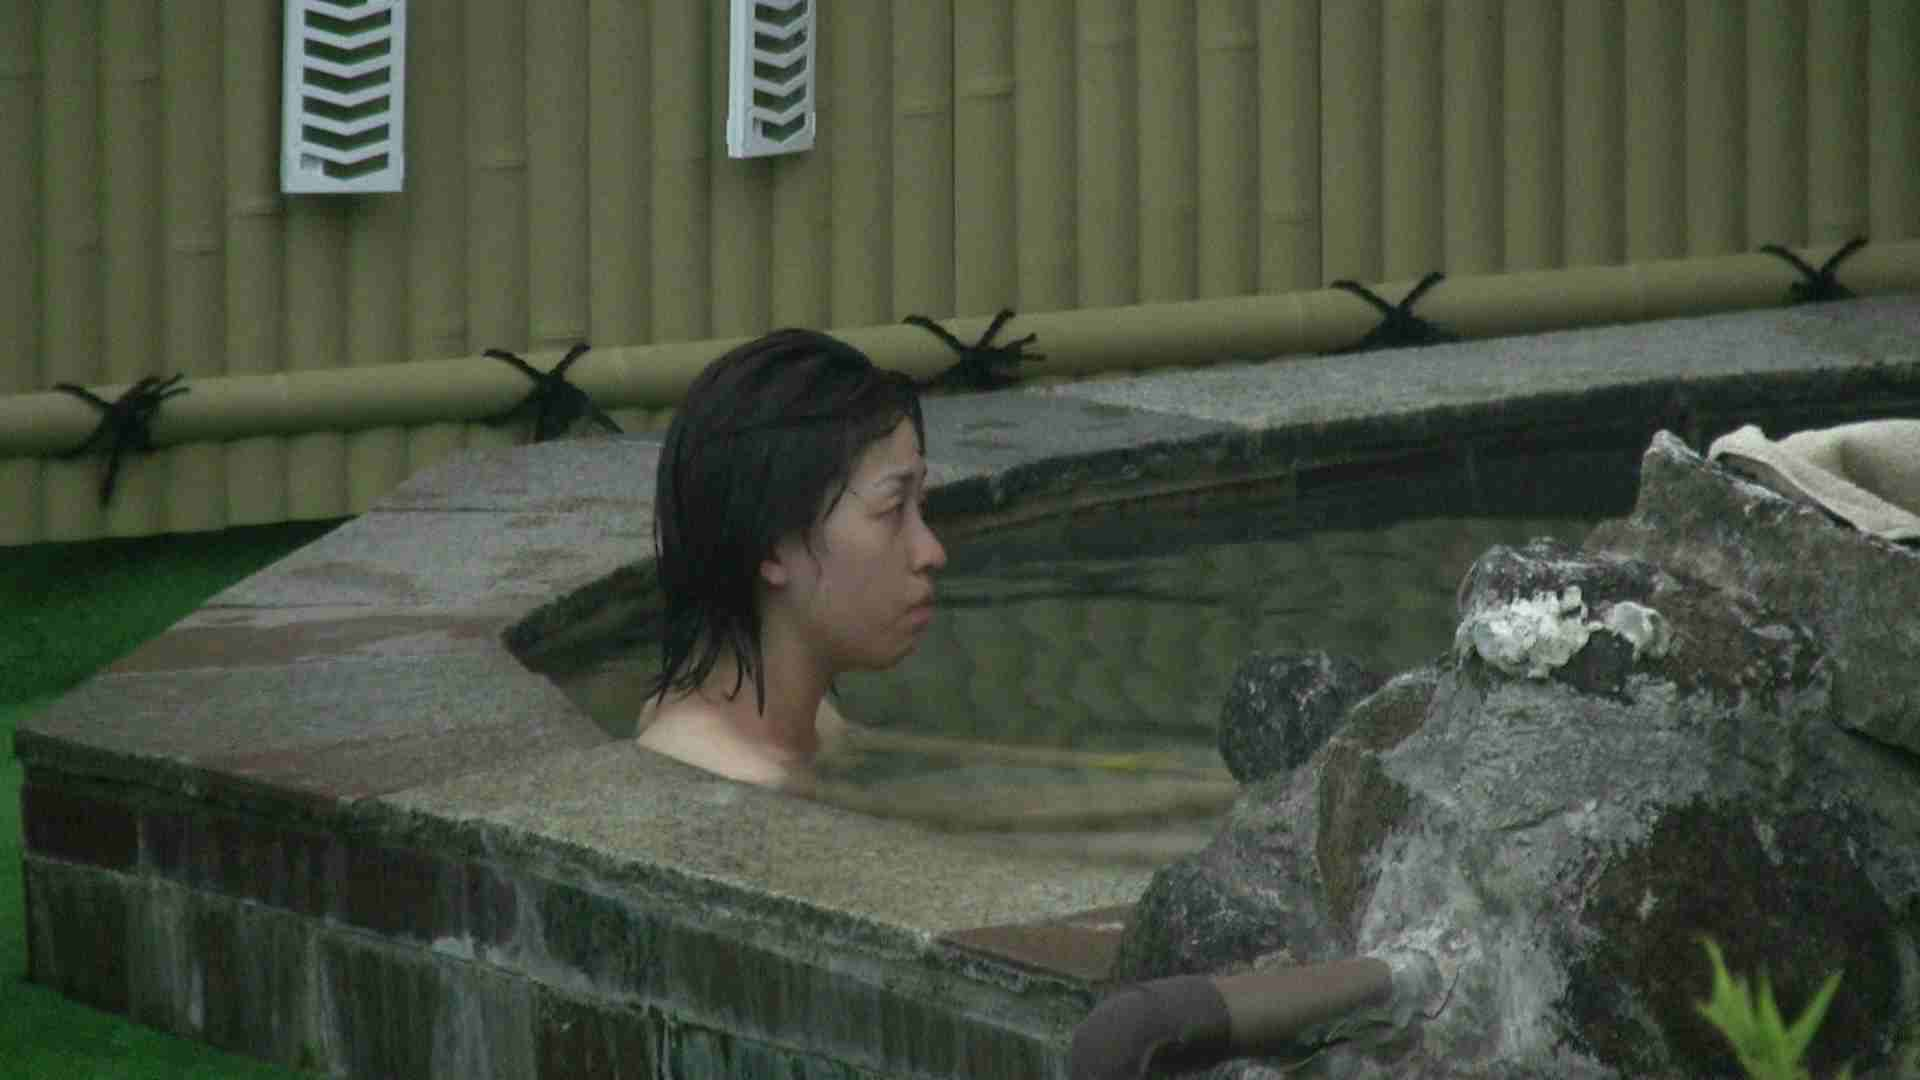 Aquaな露天風呂Vol.170 盗撮  54画像 3